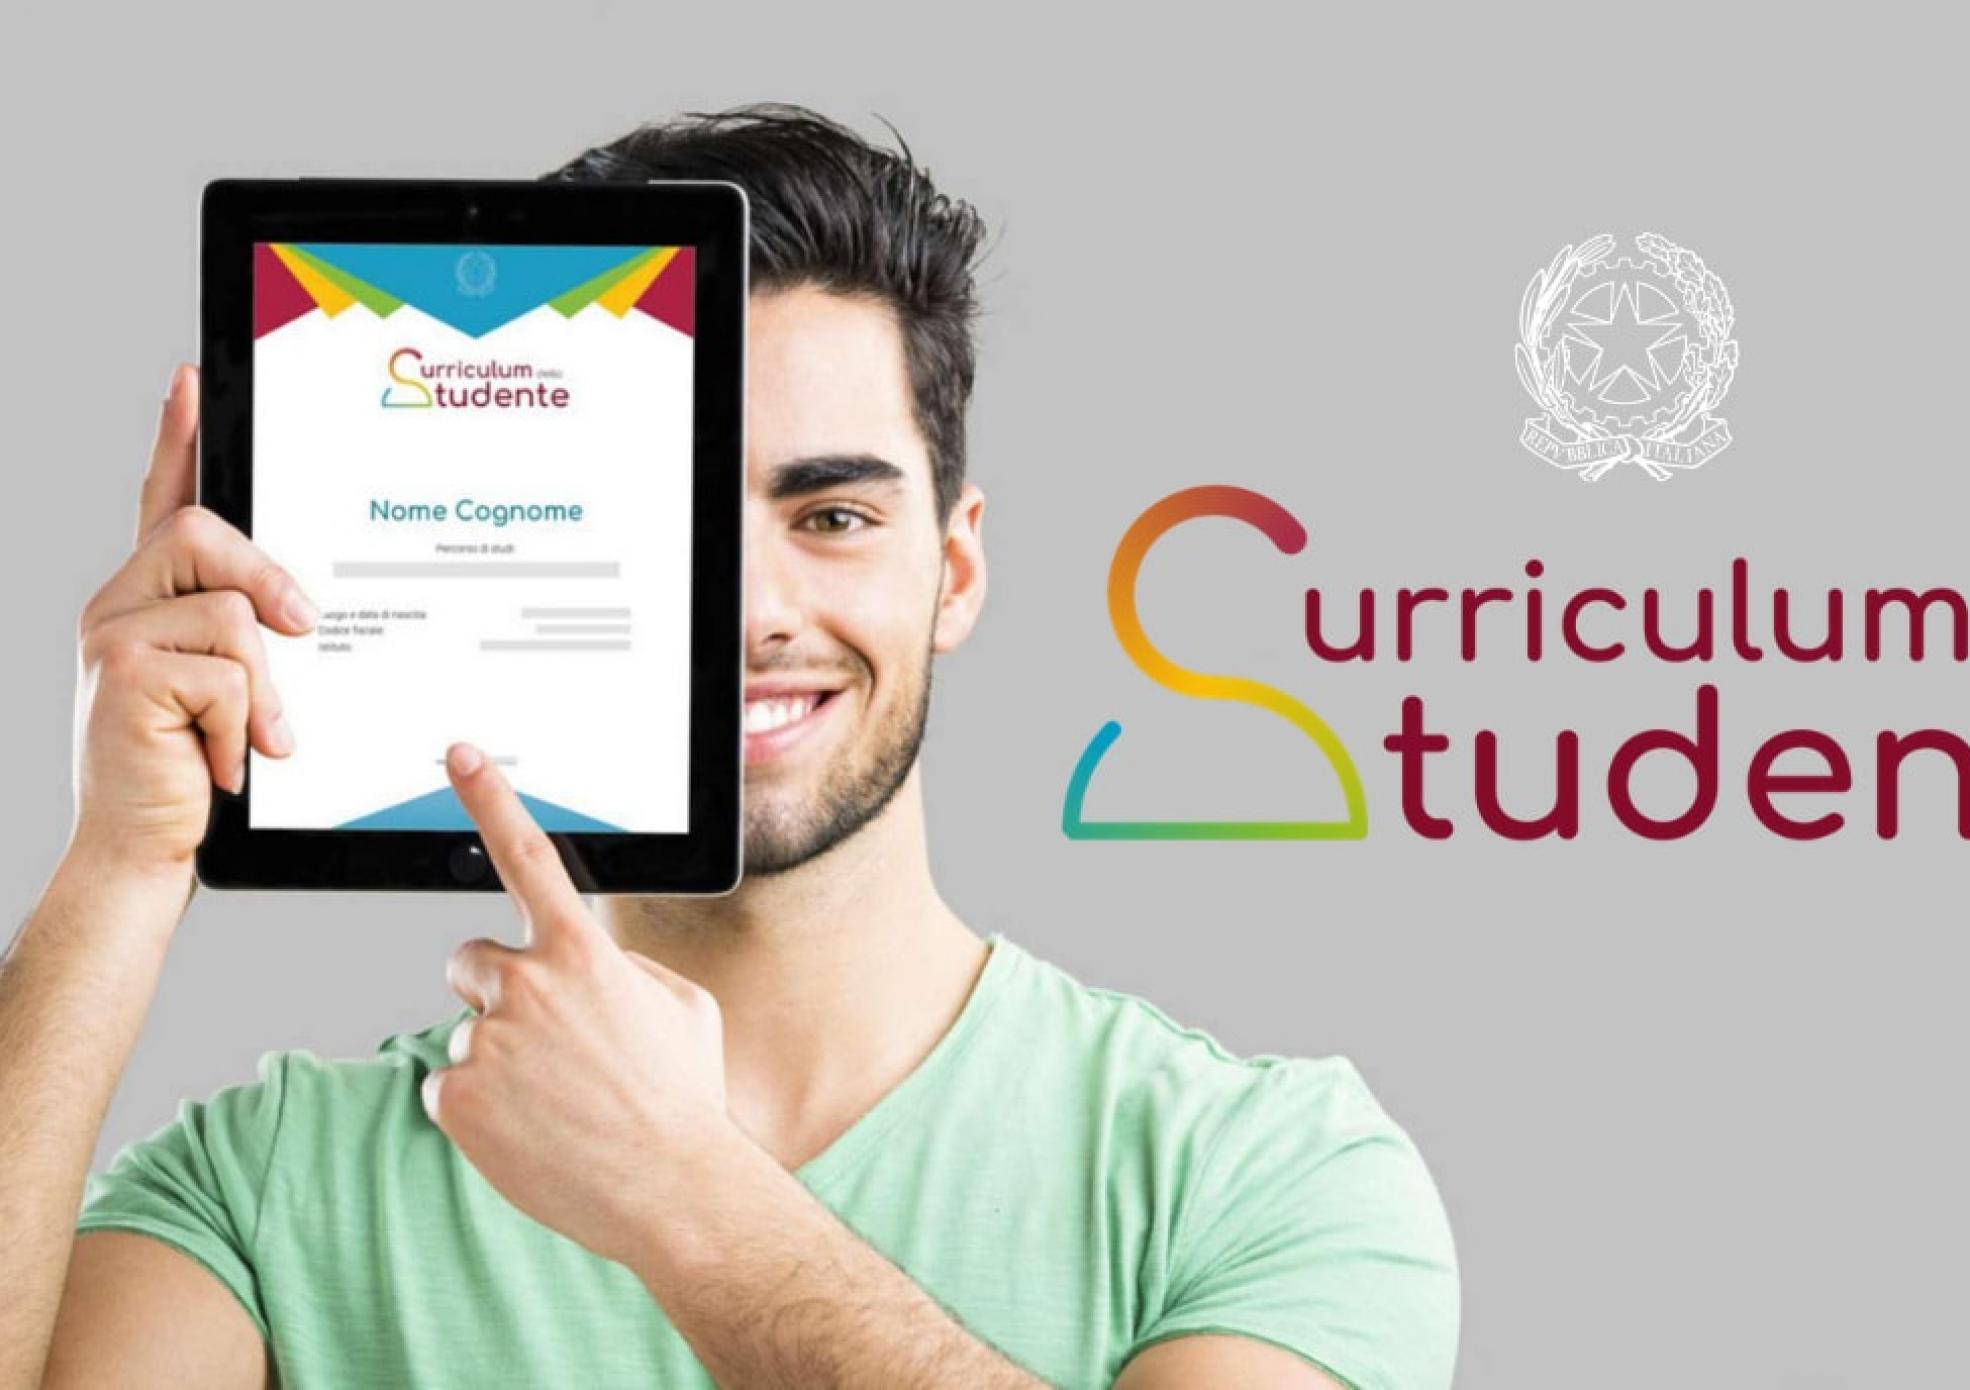 Curriculum dello Studente_BLOG_jpg-min